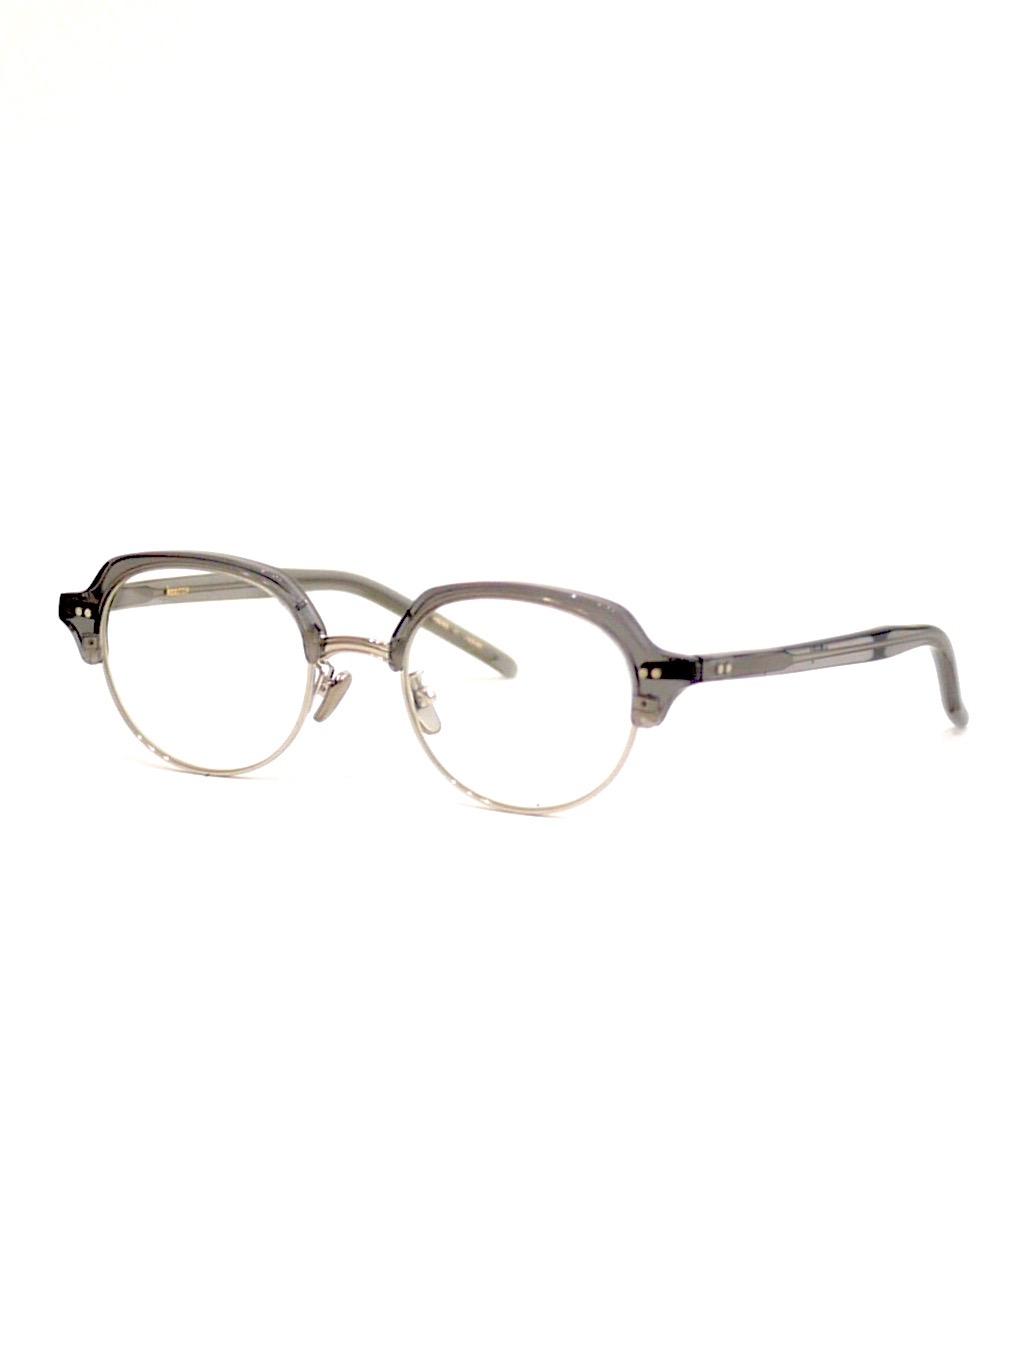 kearny / uhuy / clear gray (clear)